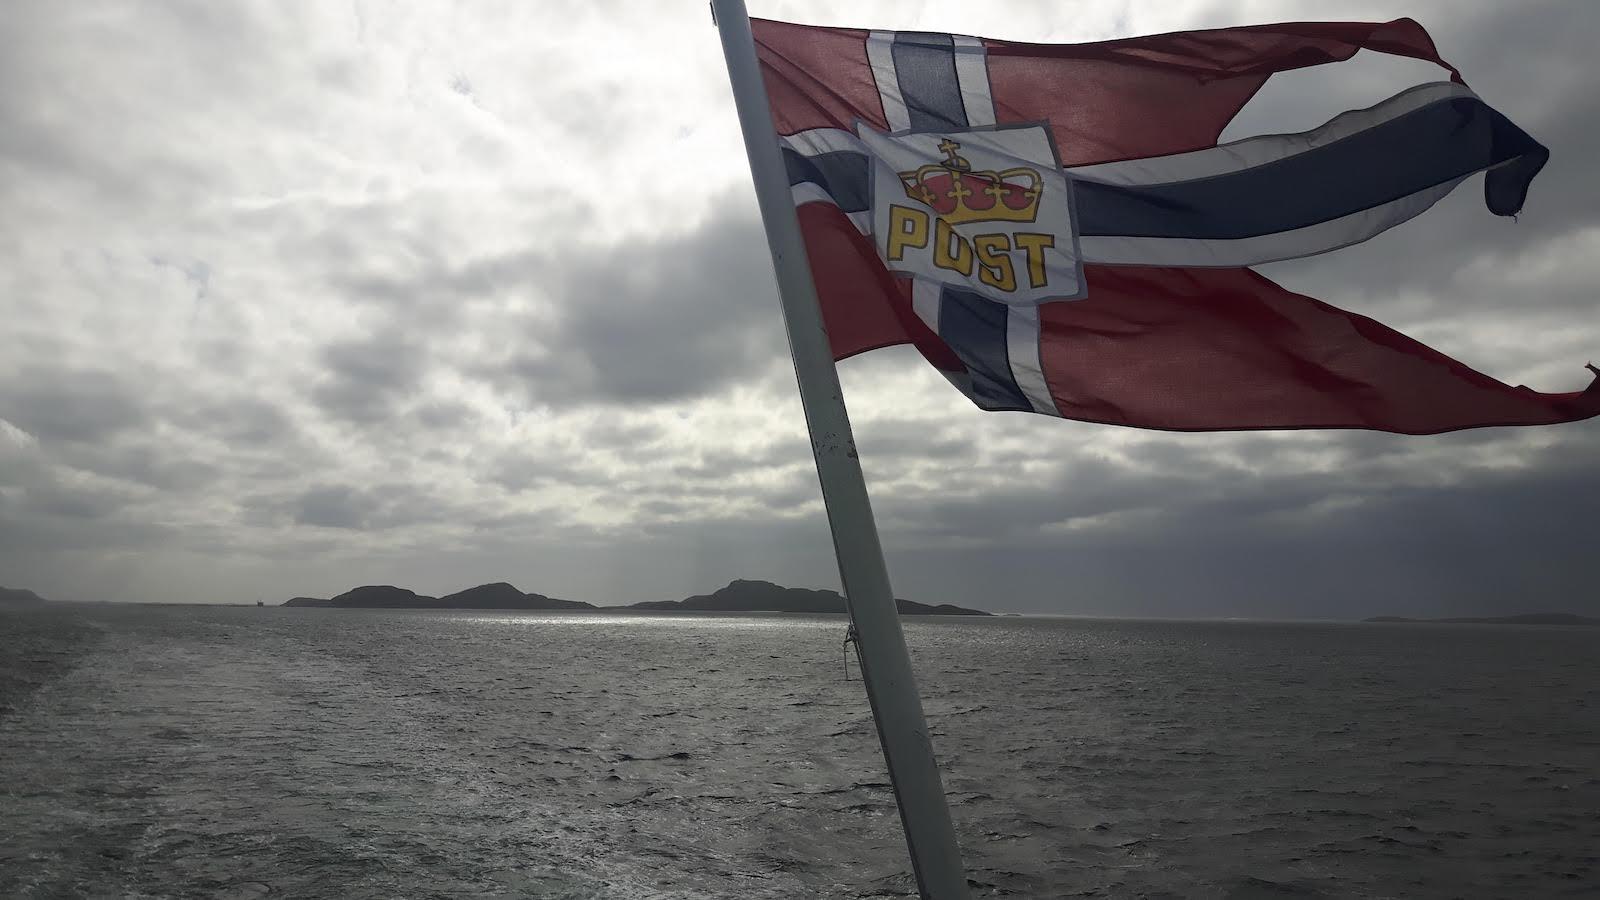 Sailing onboard the ship Hurtigruten